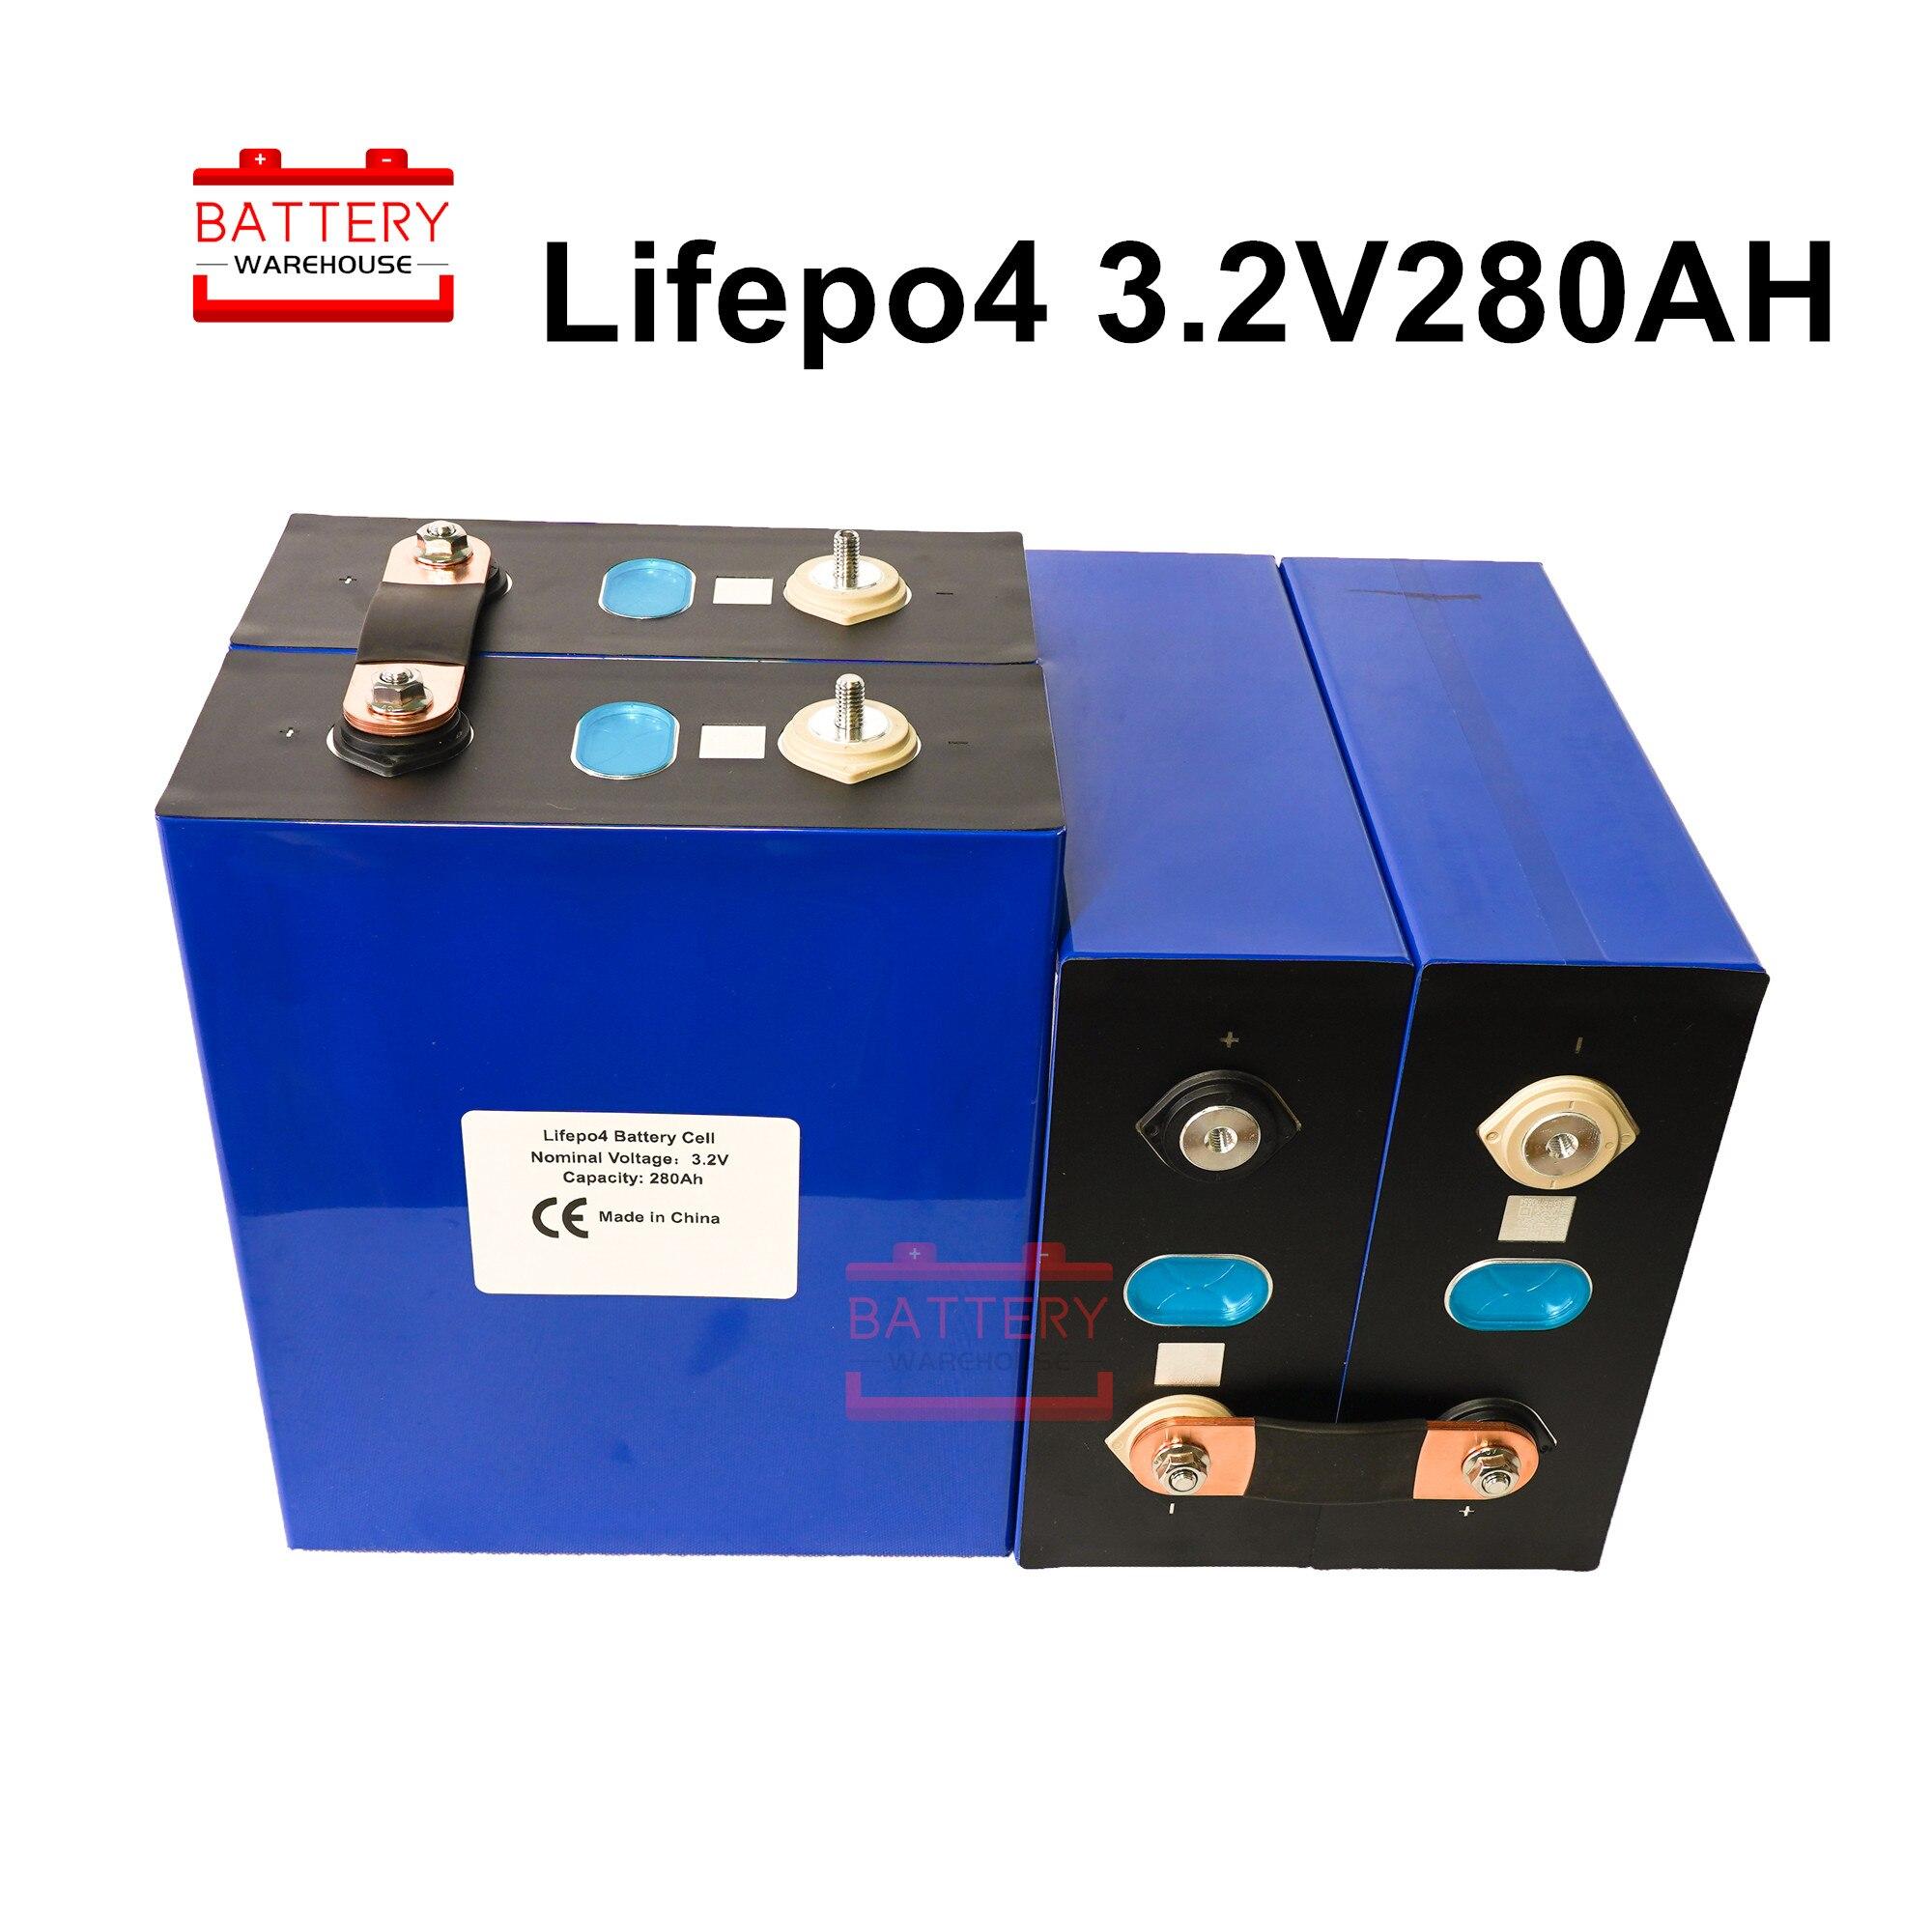 4 pièces 3.2V280AH LIFEPO4 batterie cellule 2020 nouvelles Batteries rechargeables Lithium fer pour 12V300AH pour RV solaire EV ue US sans taxe